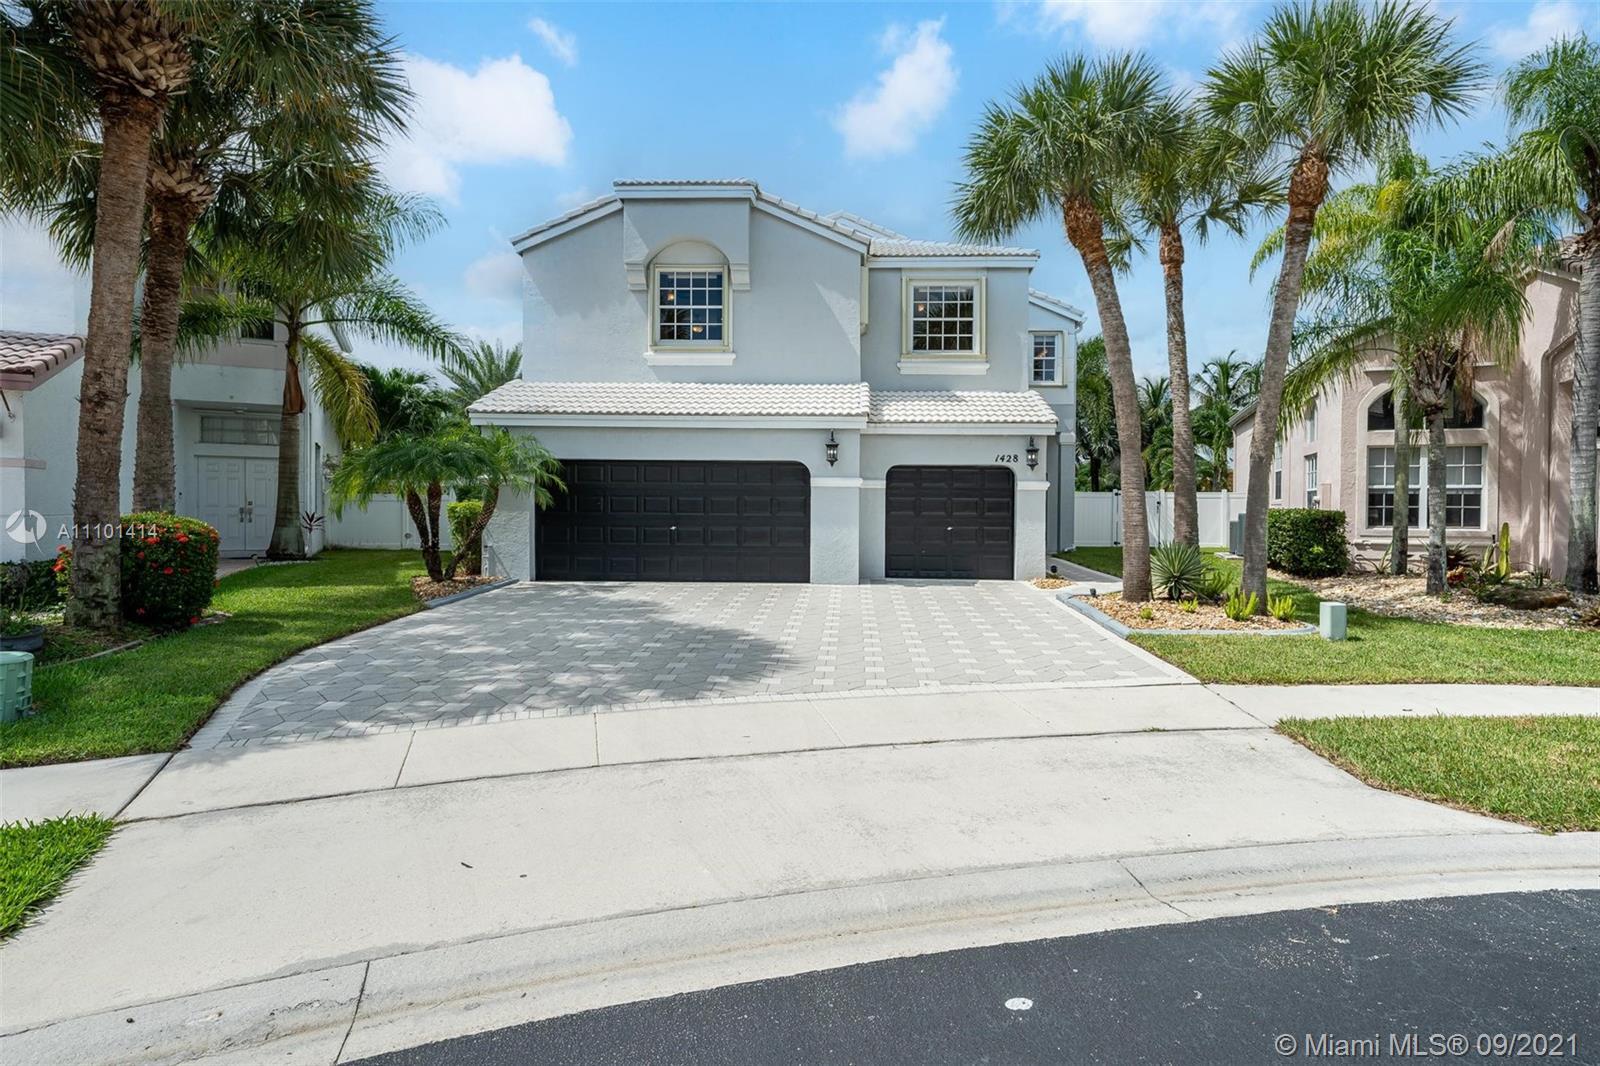 Towngate - 1428 NW 158th Ln, Pembroke Pines, FL 33028